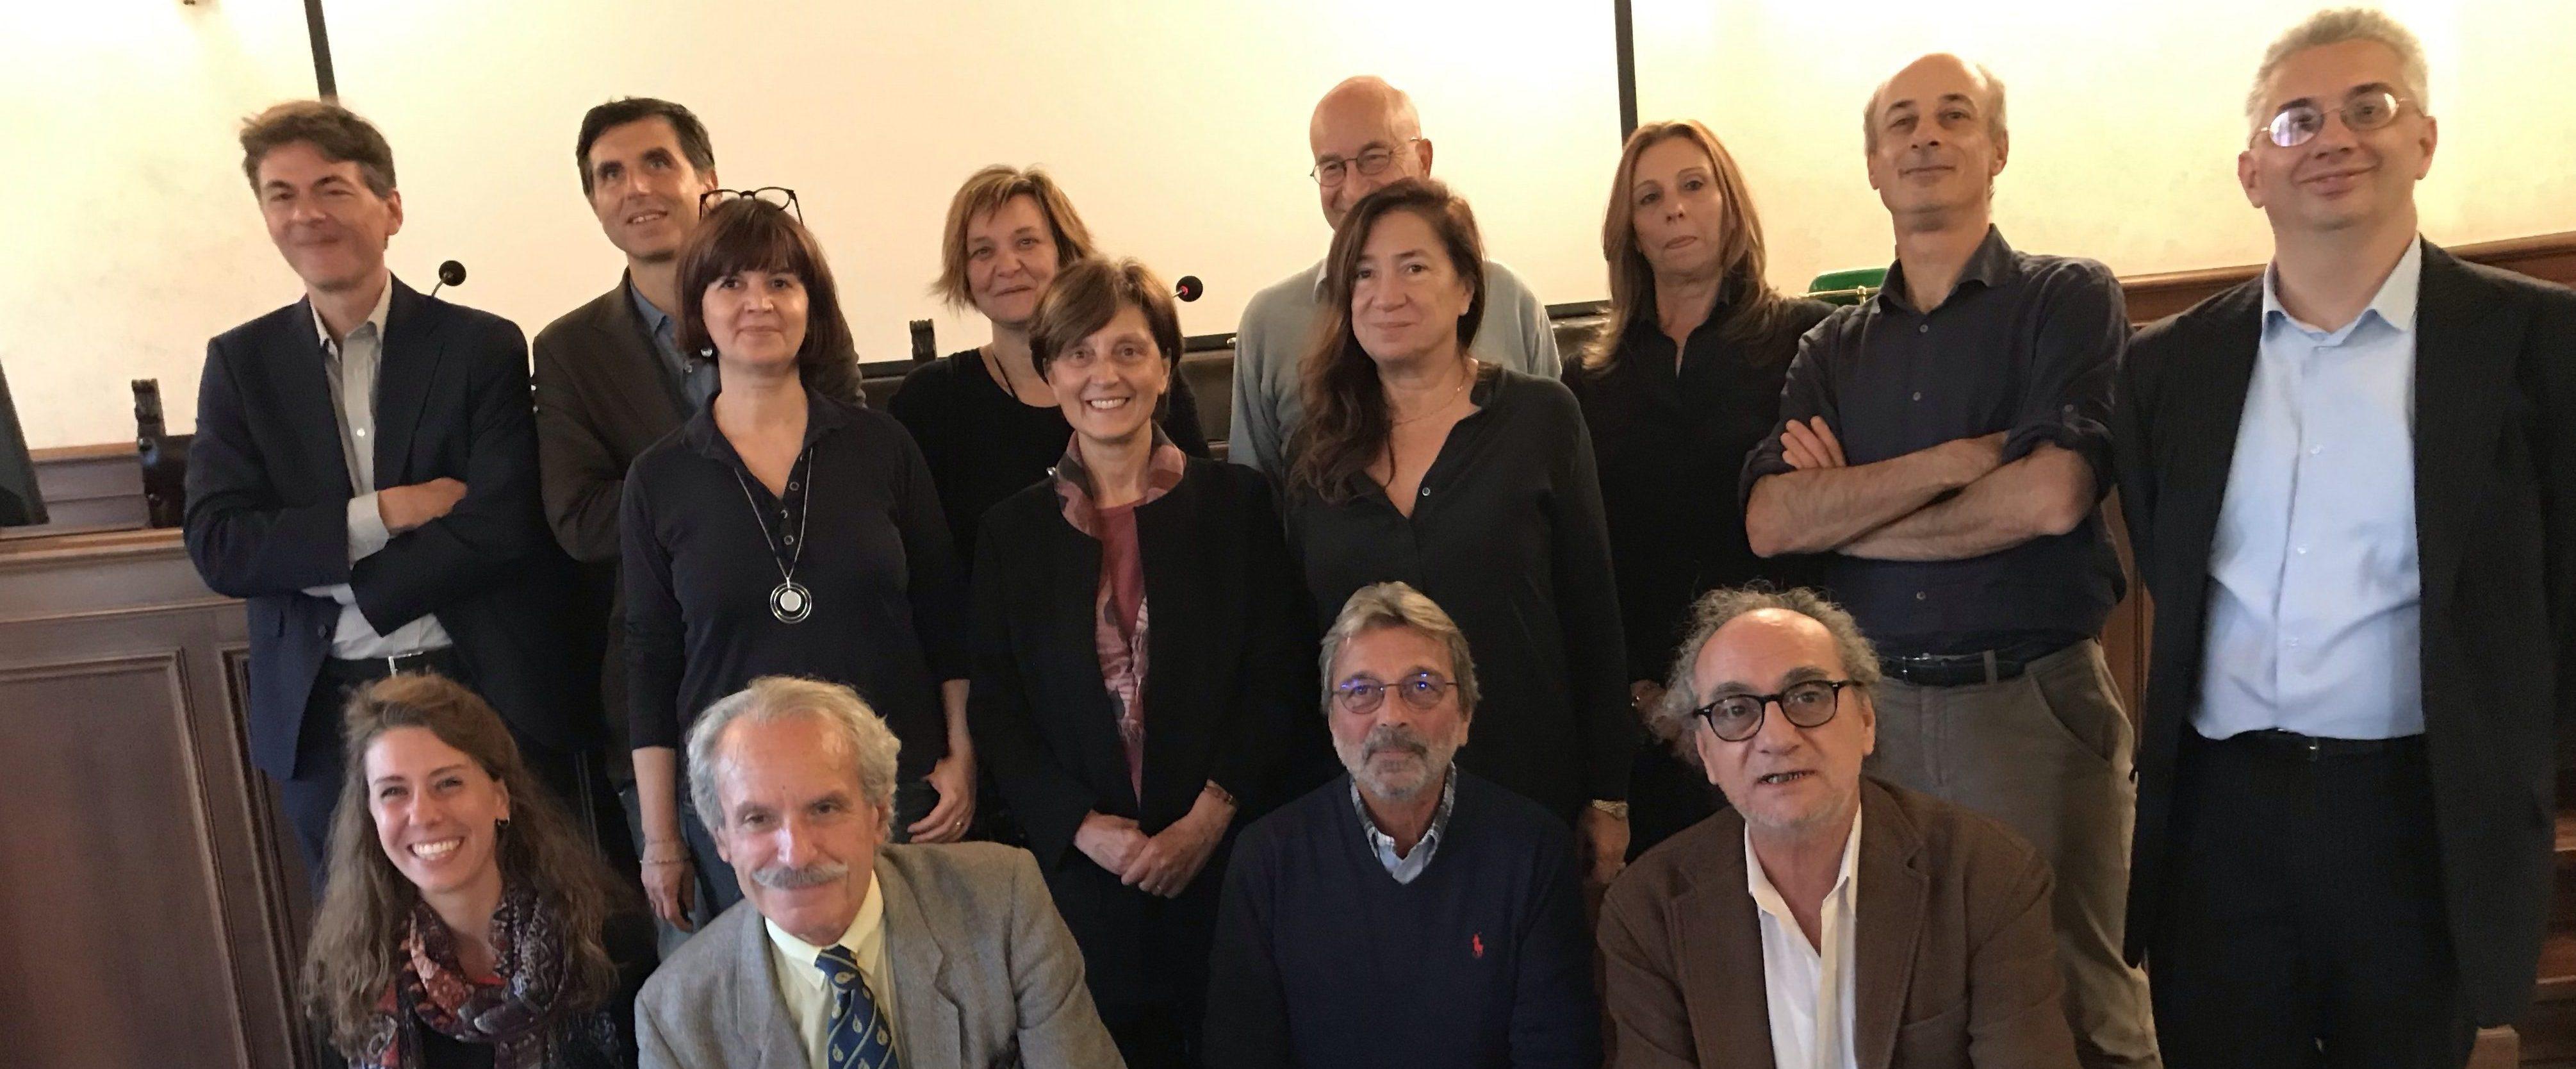 (Italiano) 25 Ottobre 2019 – Elezioni del nuovo Consiglio Direttivo SGI